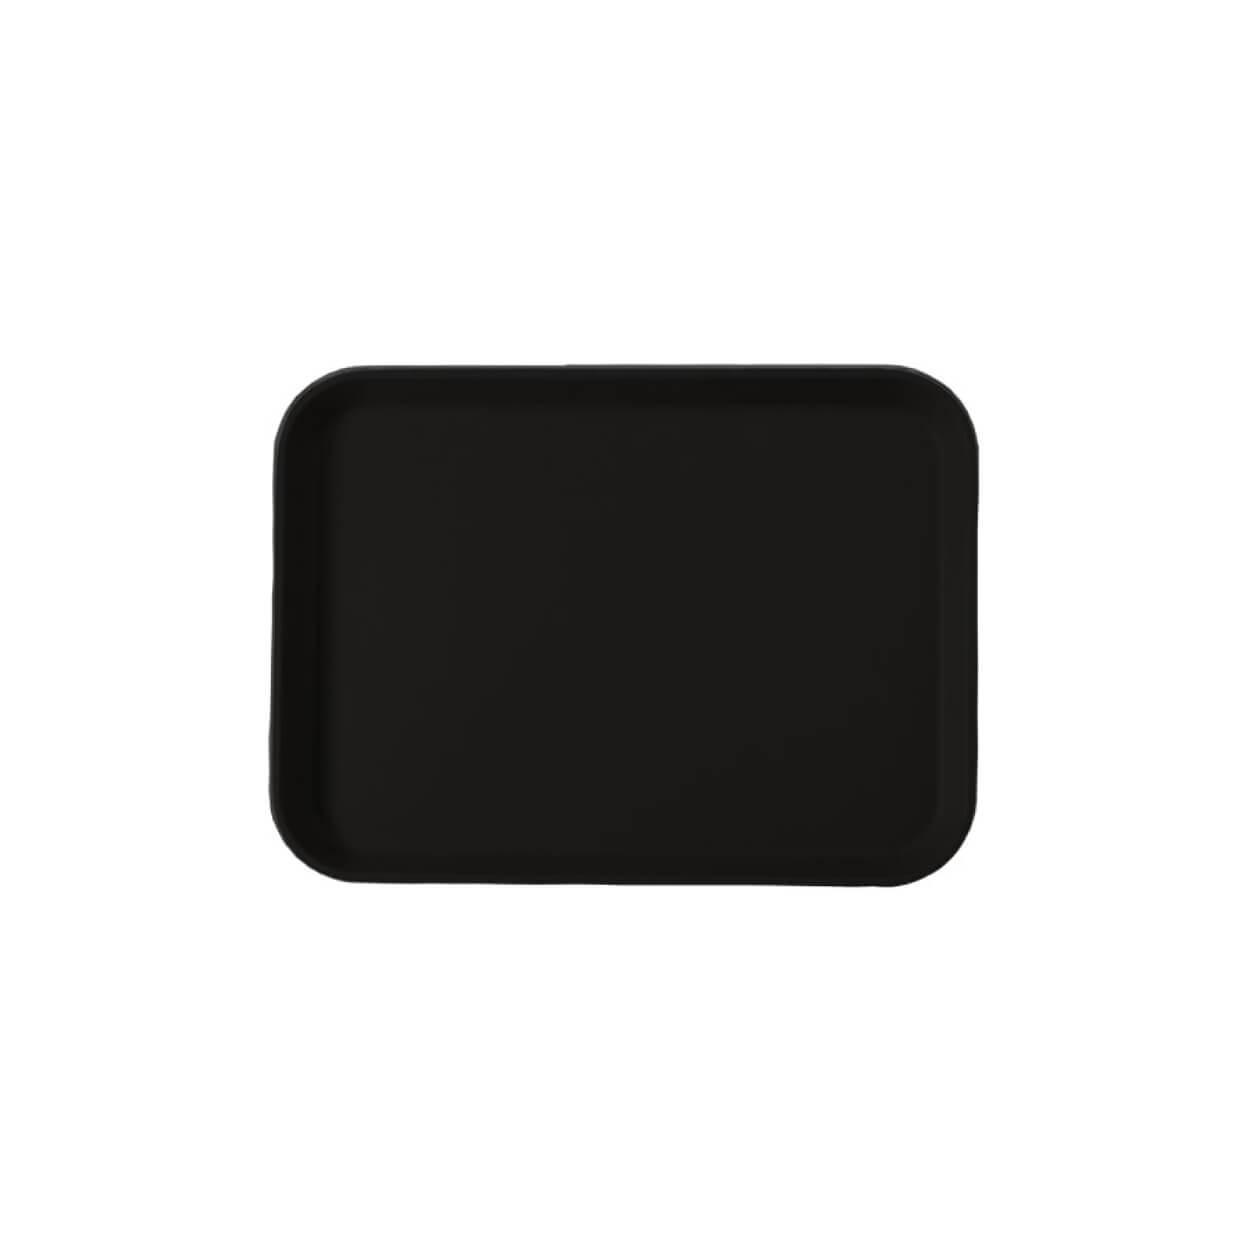 ΑΝΤΙΟΛΙΣΘΗΤΙΚΟΣ ΔΙΣΚΟΣ FIBERGLASS ΟΡΘΟΓΩΝΙΟΣ 46×35,5εκ